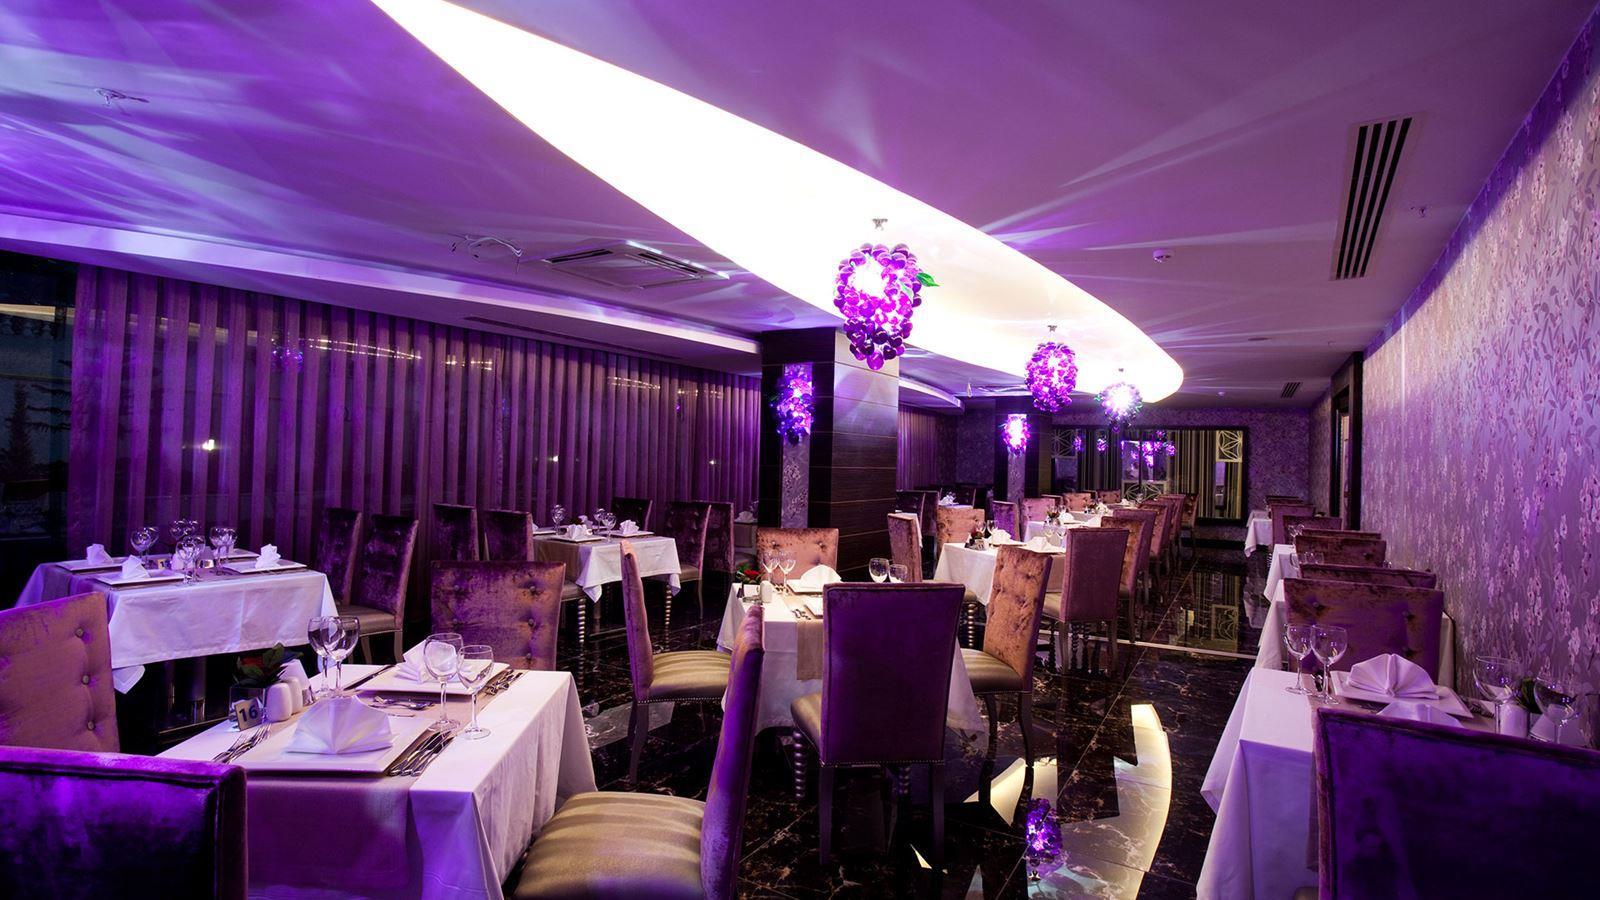 Туры в Hotel Q Premium Resort 5* Окурджалар Турция - отзывы, отели от Пегас  Туристик